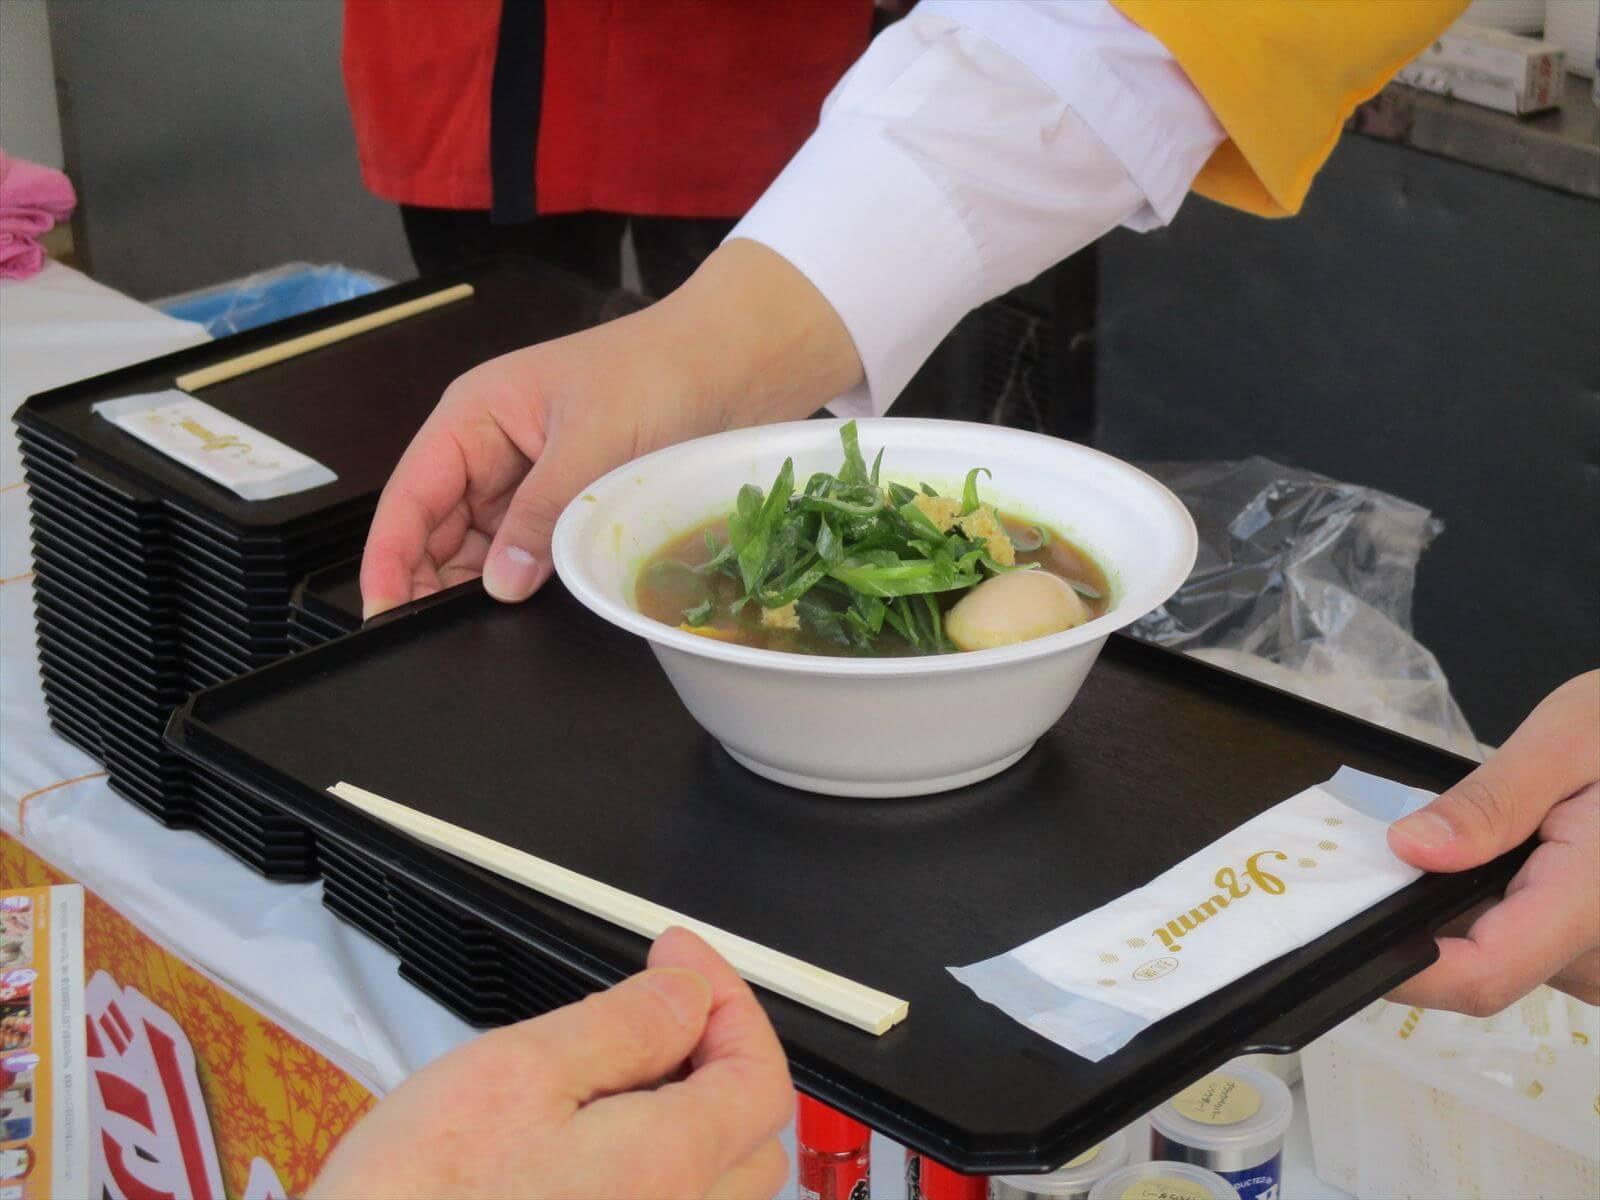 2017年11月18日・19日に『京野菜フェスティバル』が開催!京野菜の魅力を存分に味わおう♪